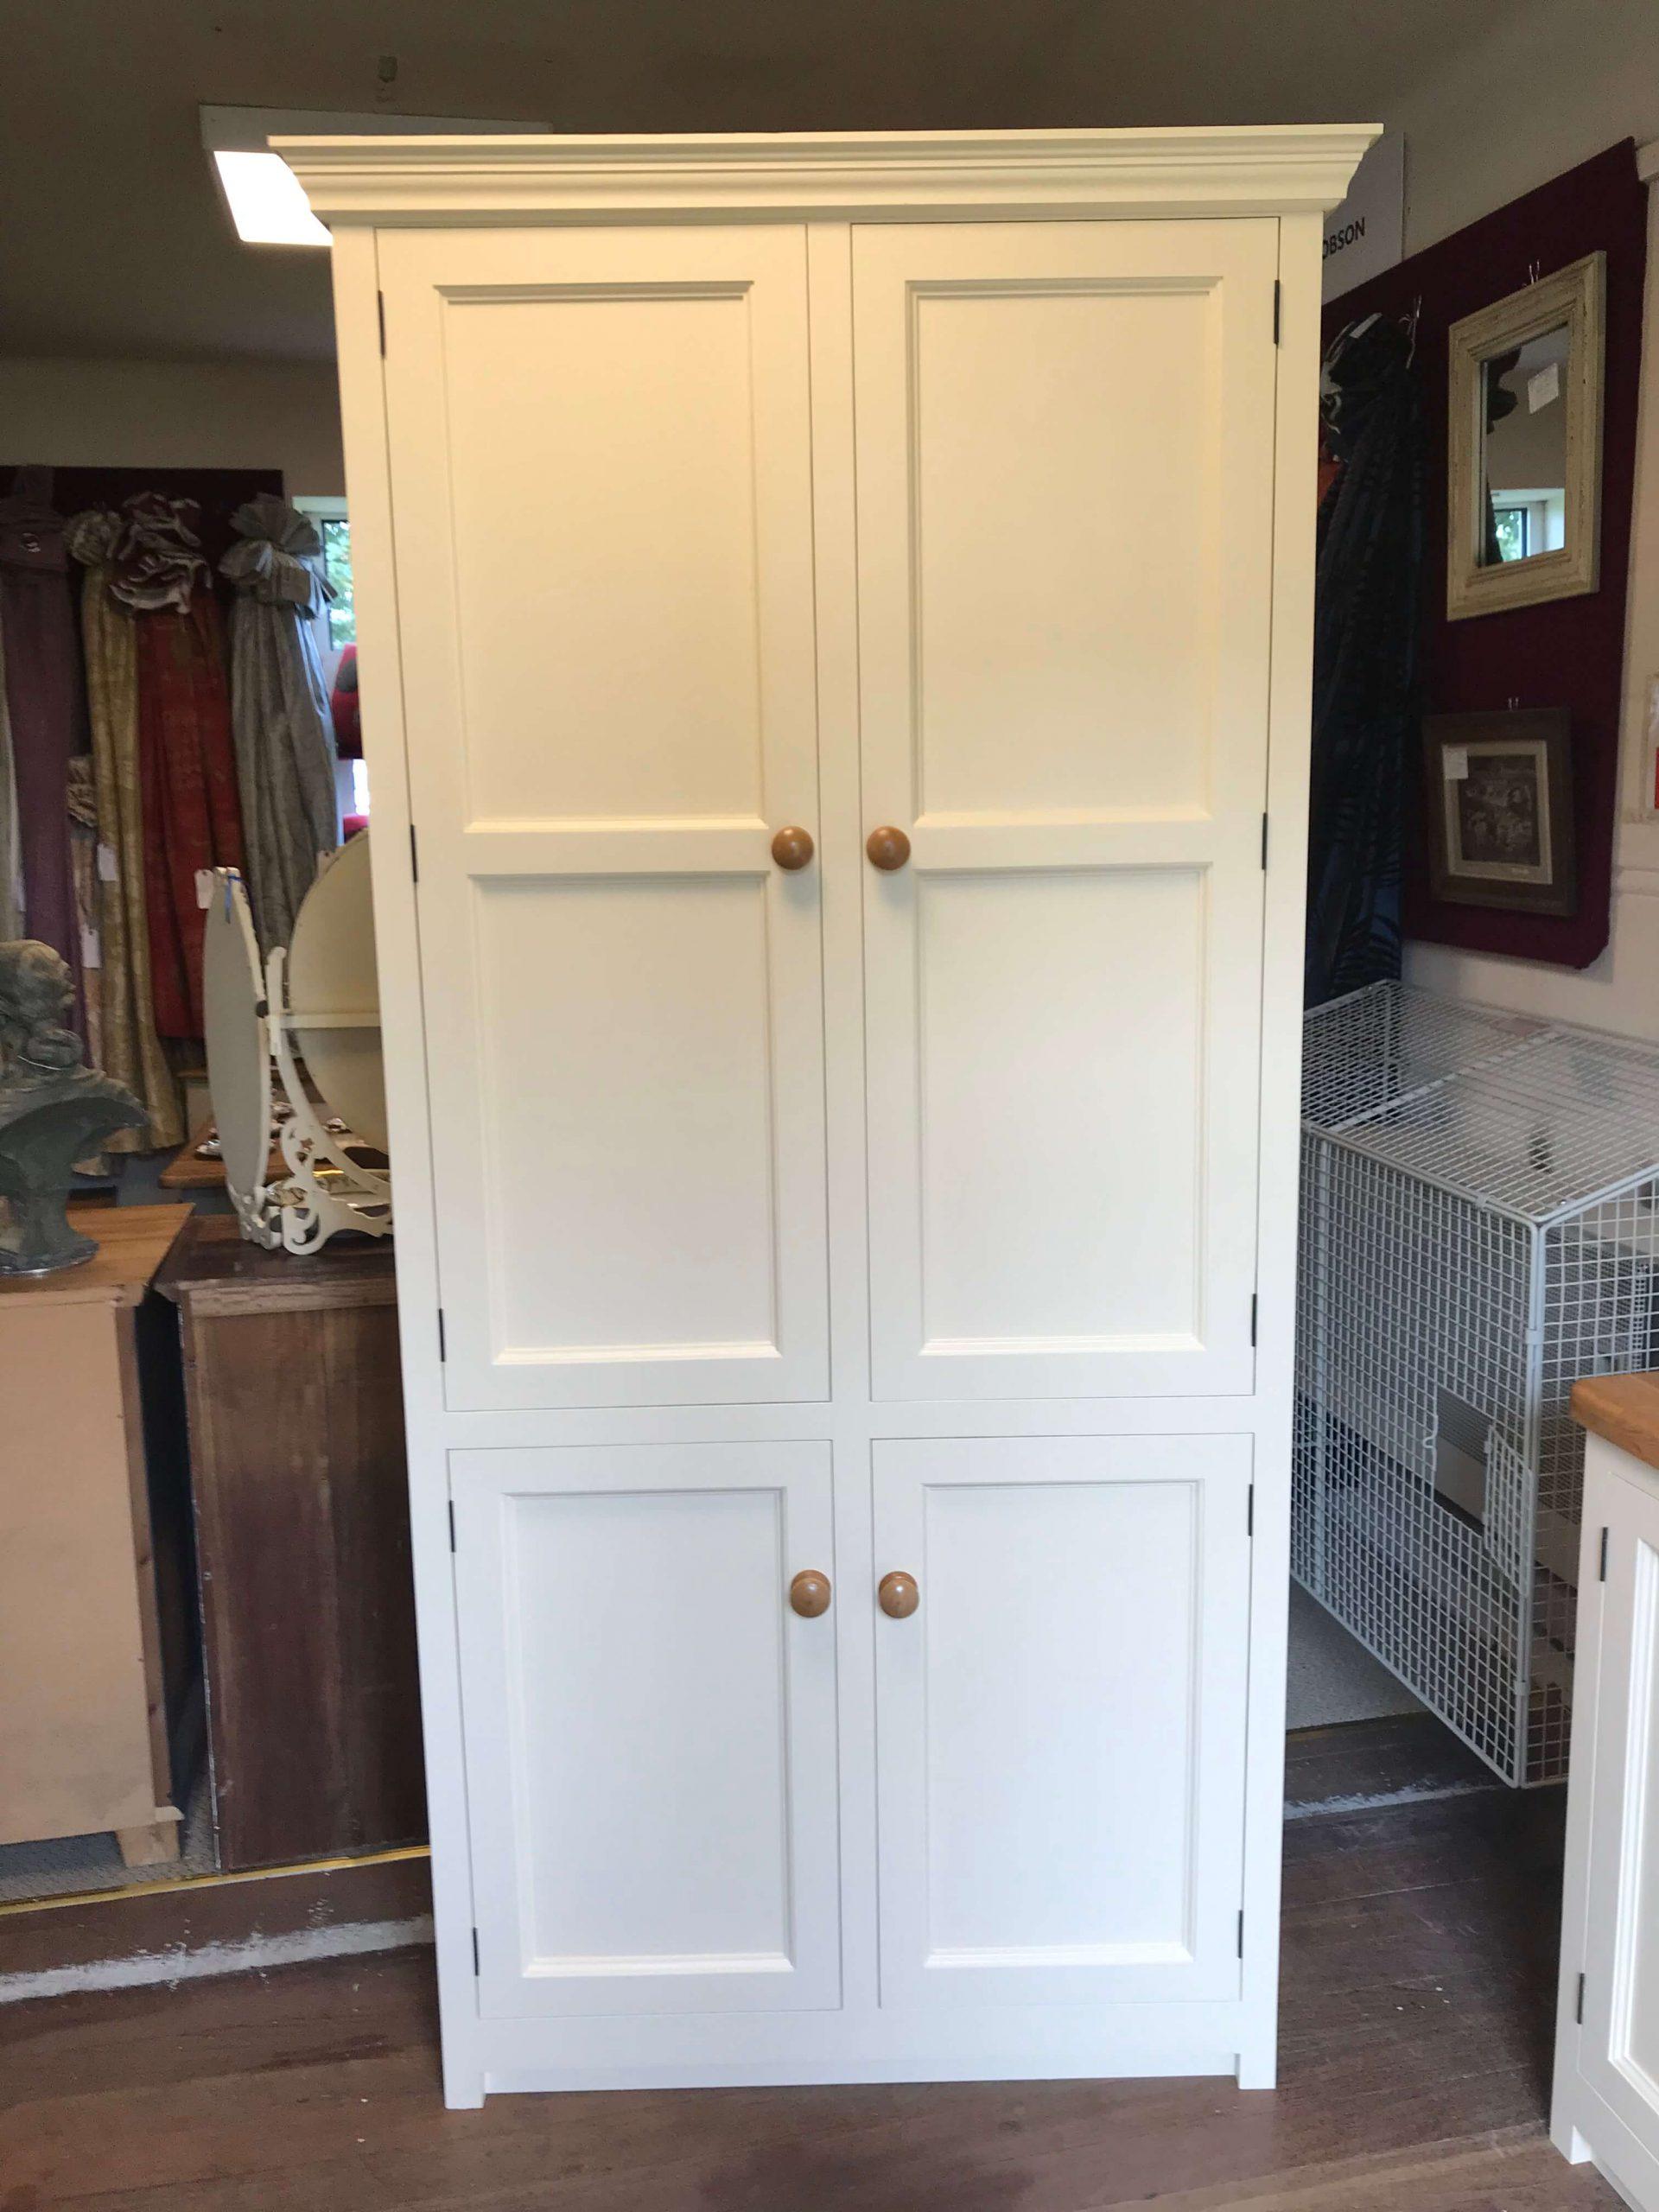 Freestanding Four Door Kitchen Larder Pantry Cupboard Murdoch Troon